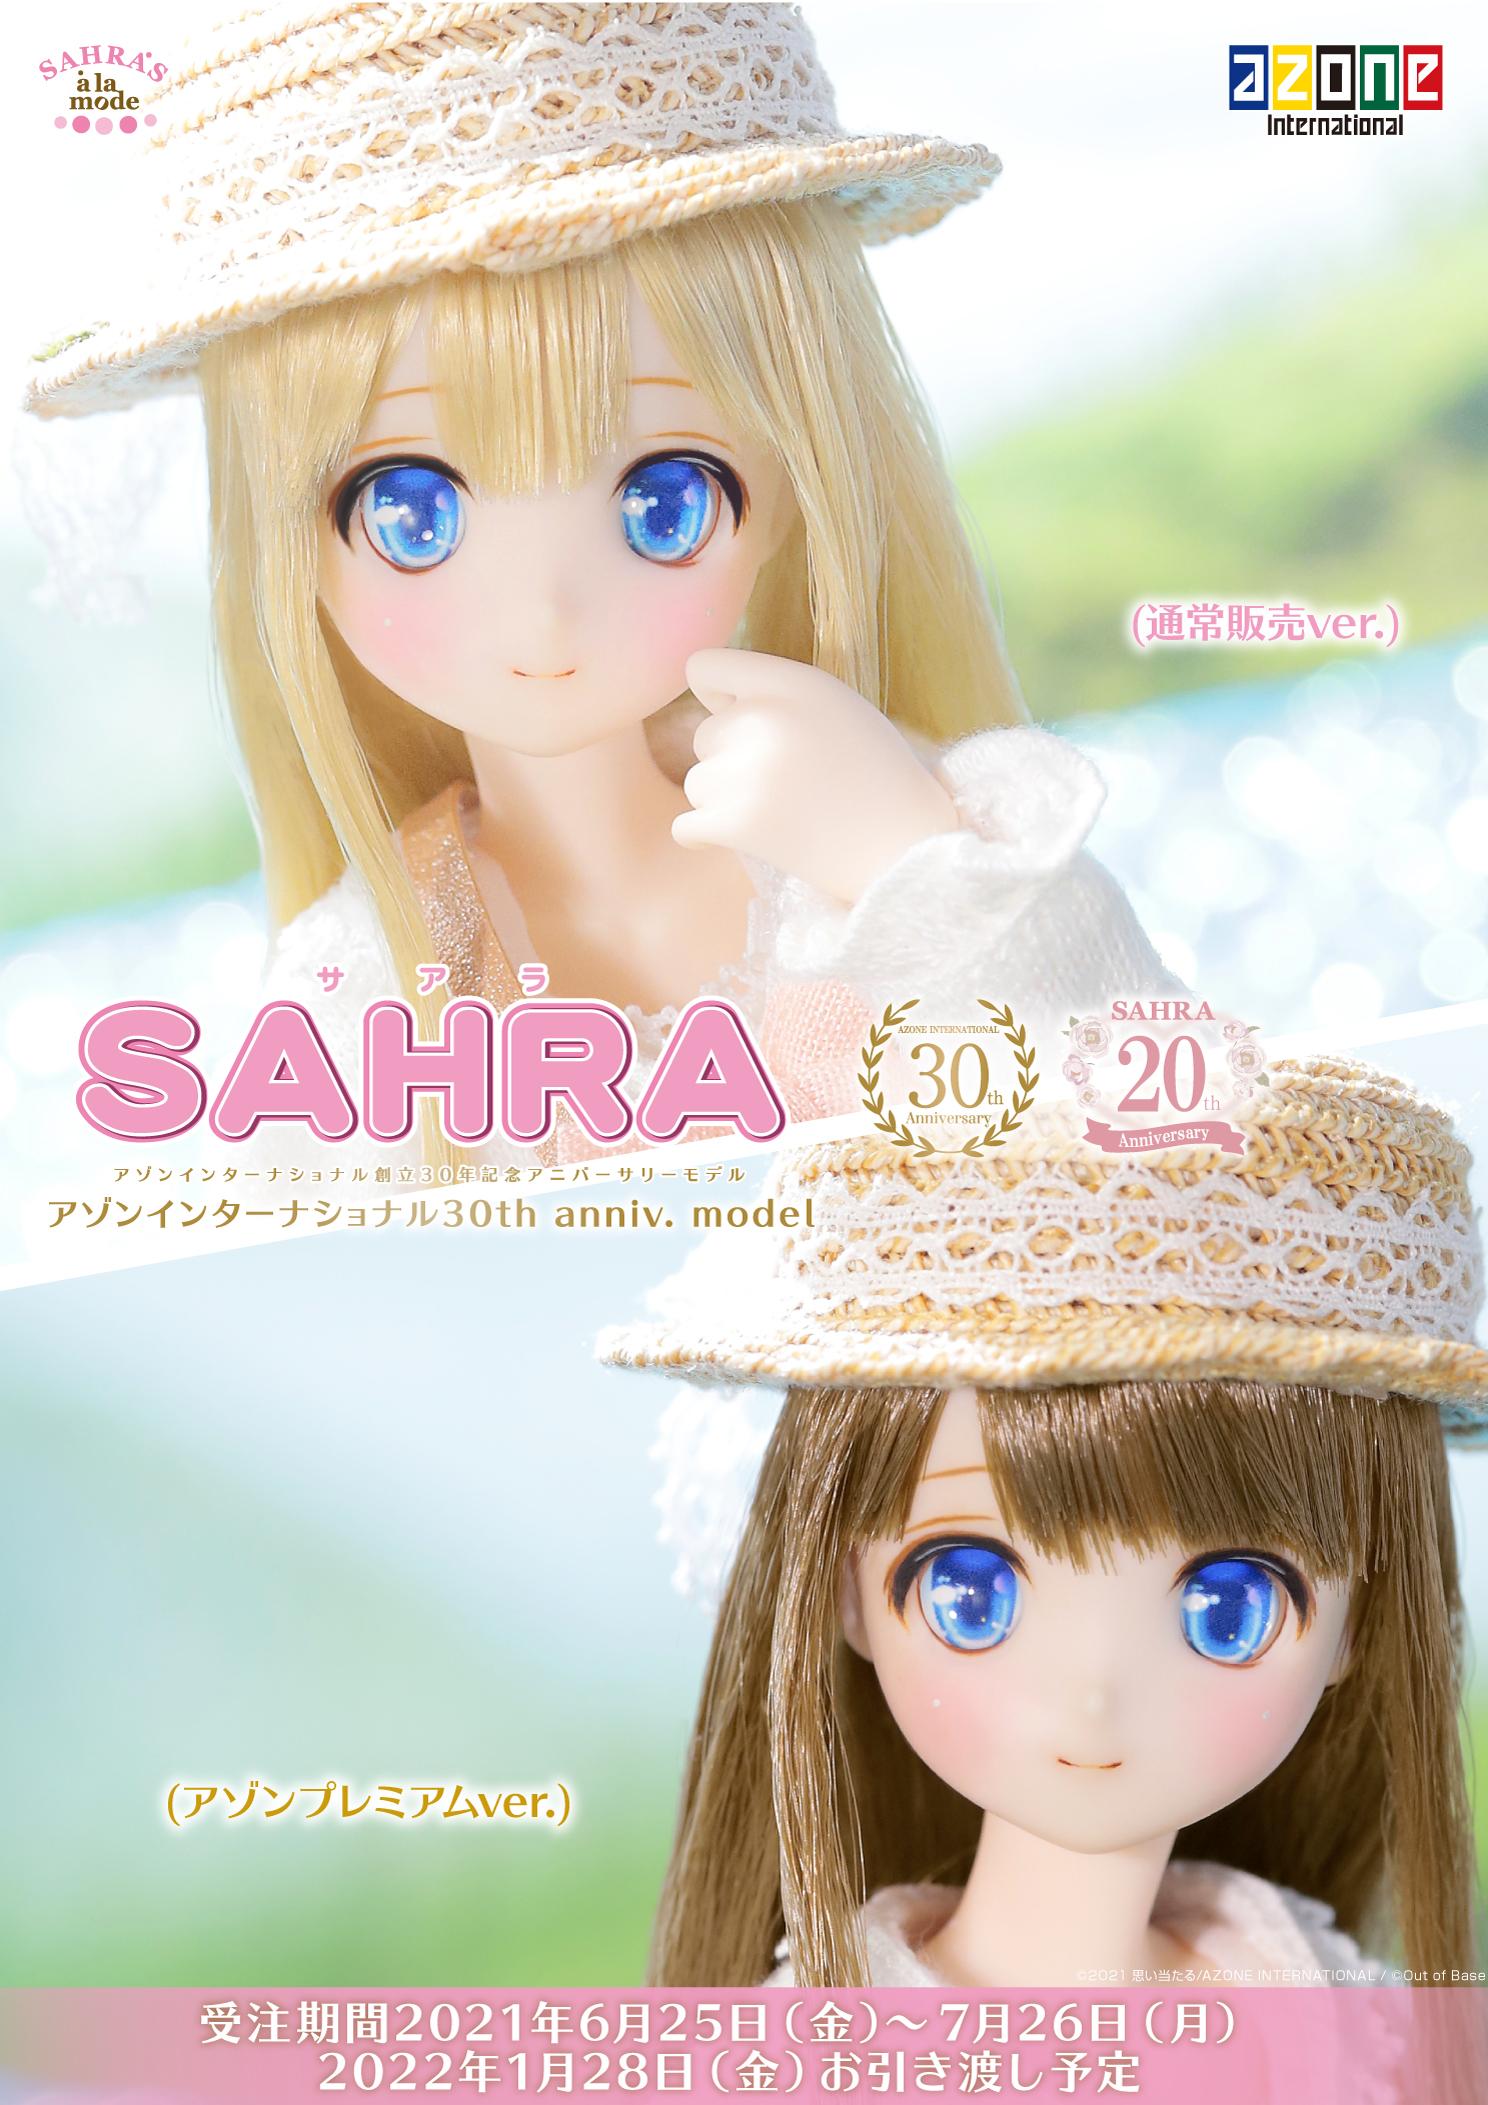 SAHRA(サアラ)/アゾンインターナショナル 30th anniv. model